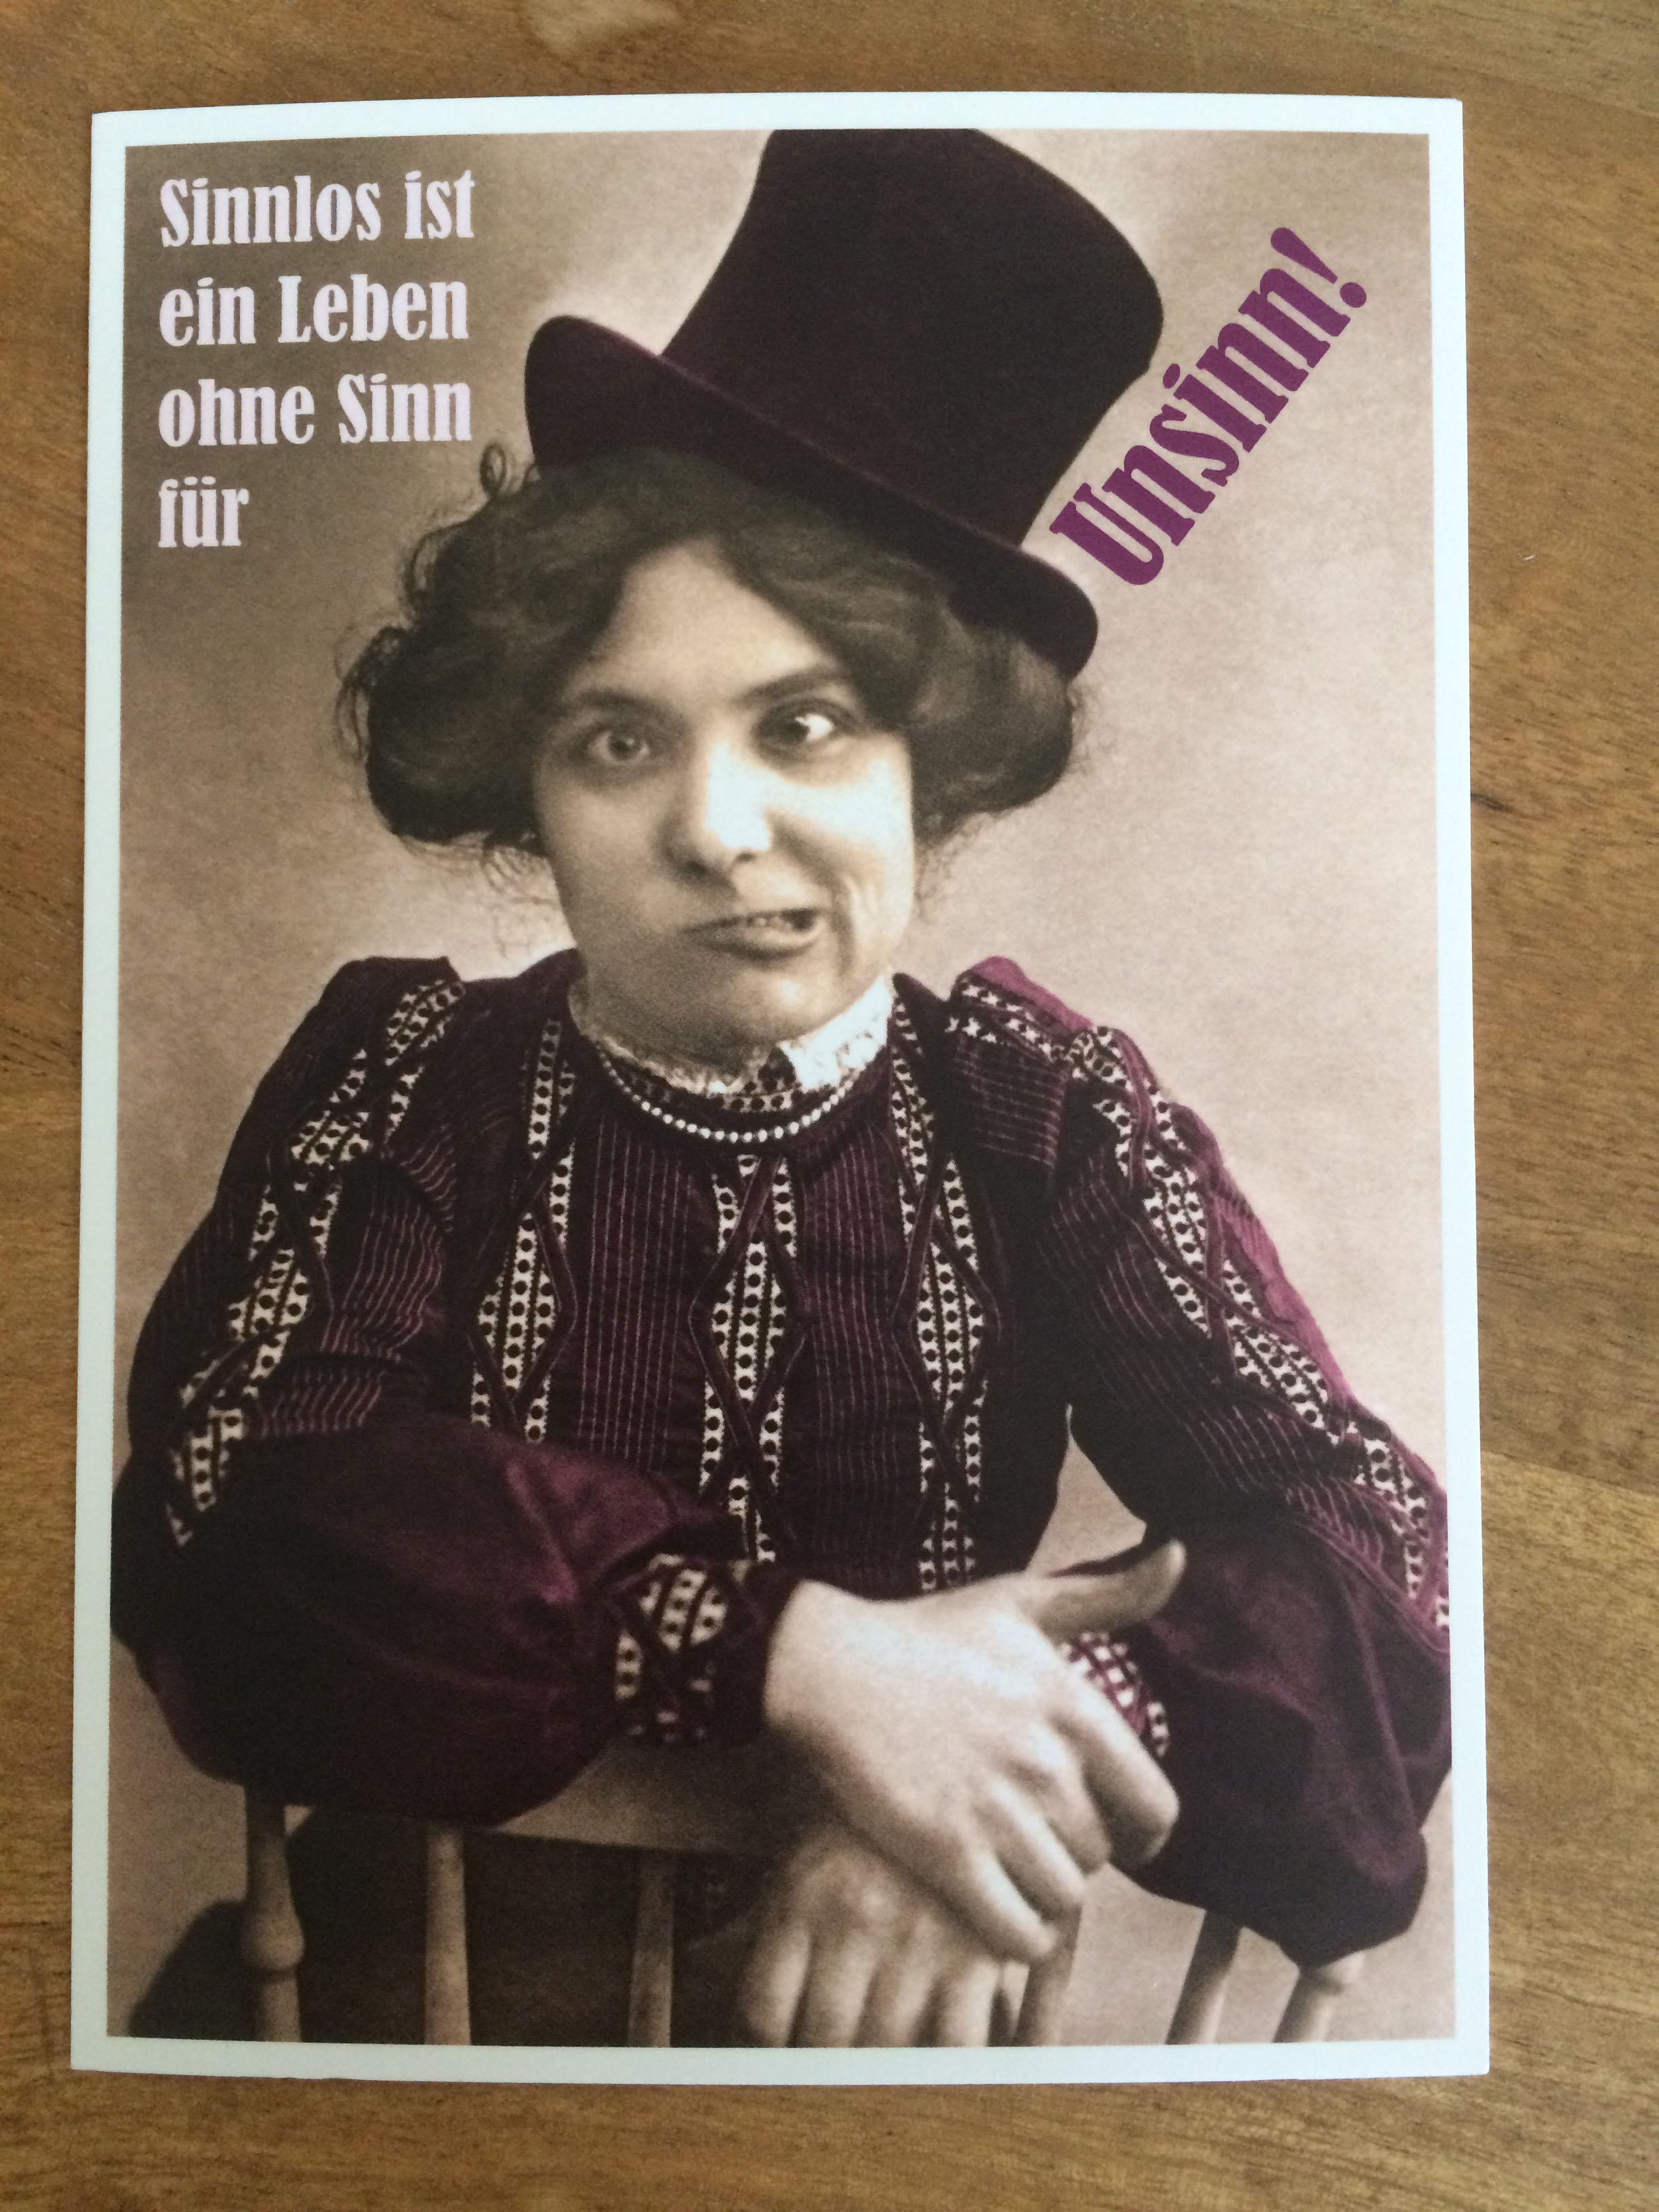 Postkarte Karte Sinnlos ist ein Leben ohne Sinn für Unsinn Paloma